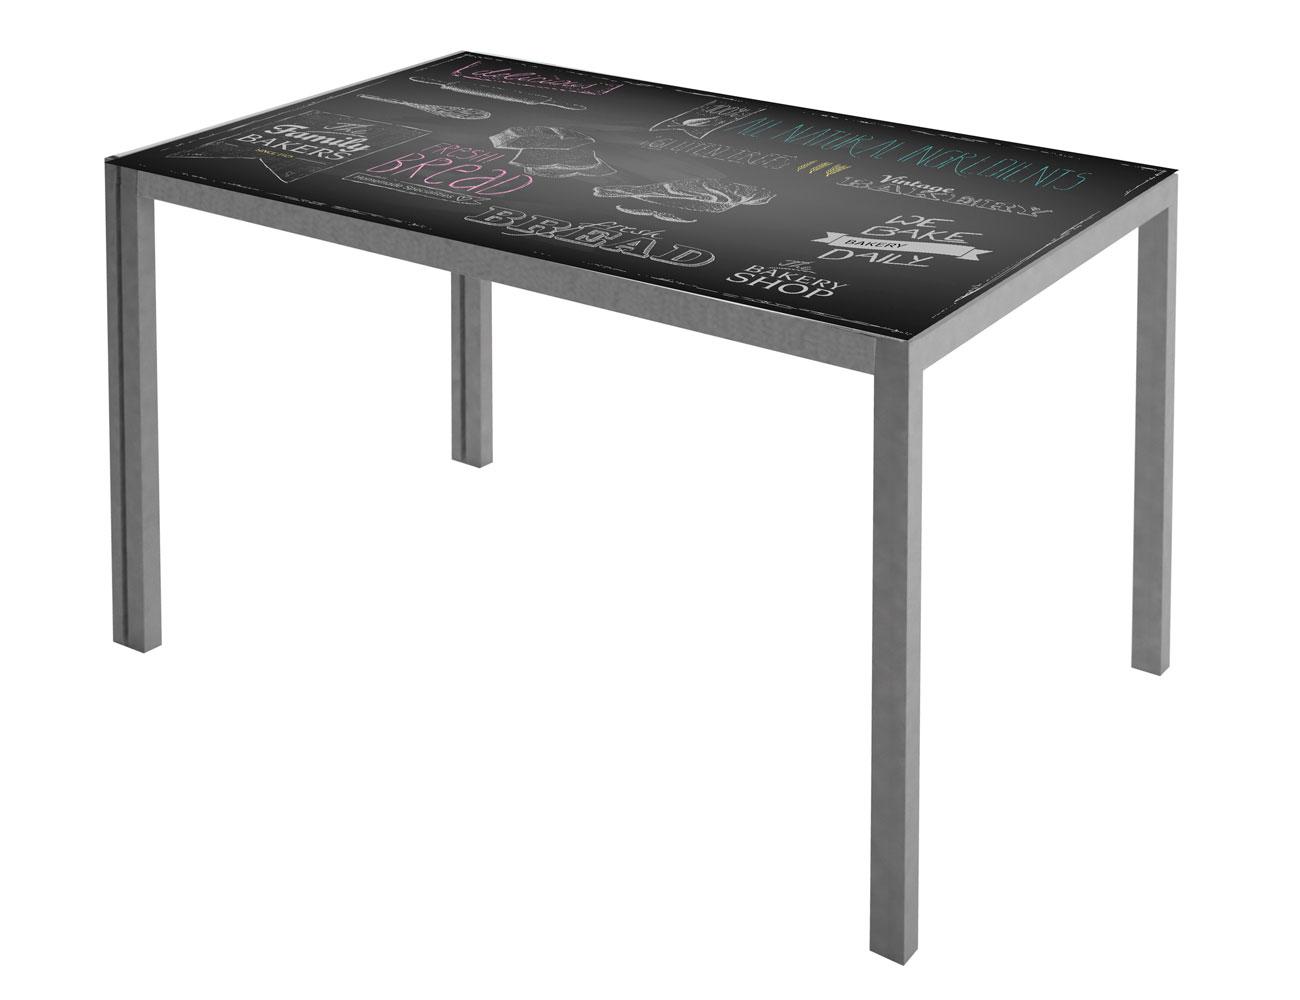 Mesa de cocina con cristal templando serigrafiado 3546 - Mesa cocina cristal templado ...